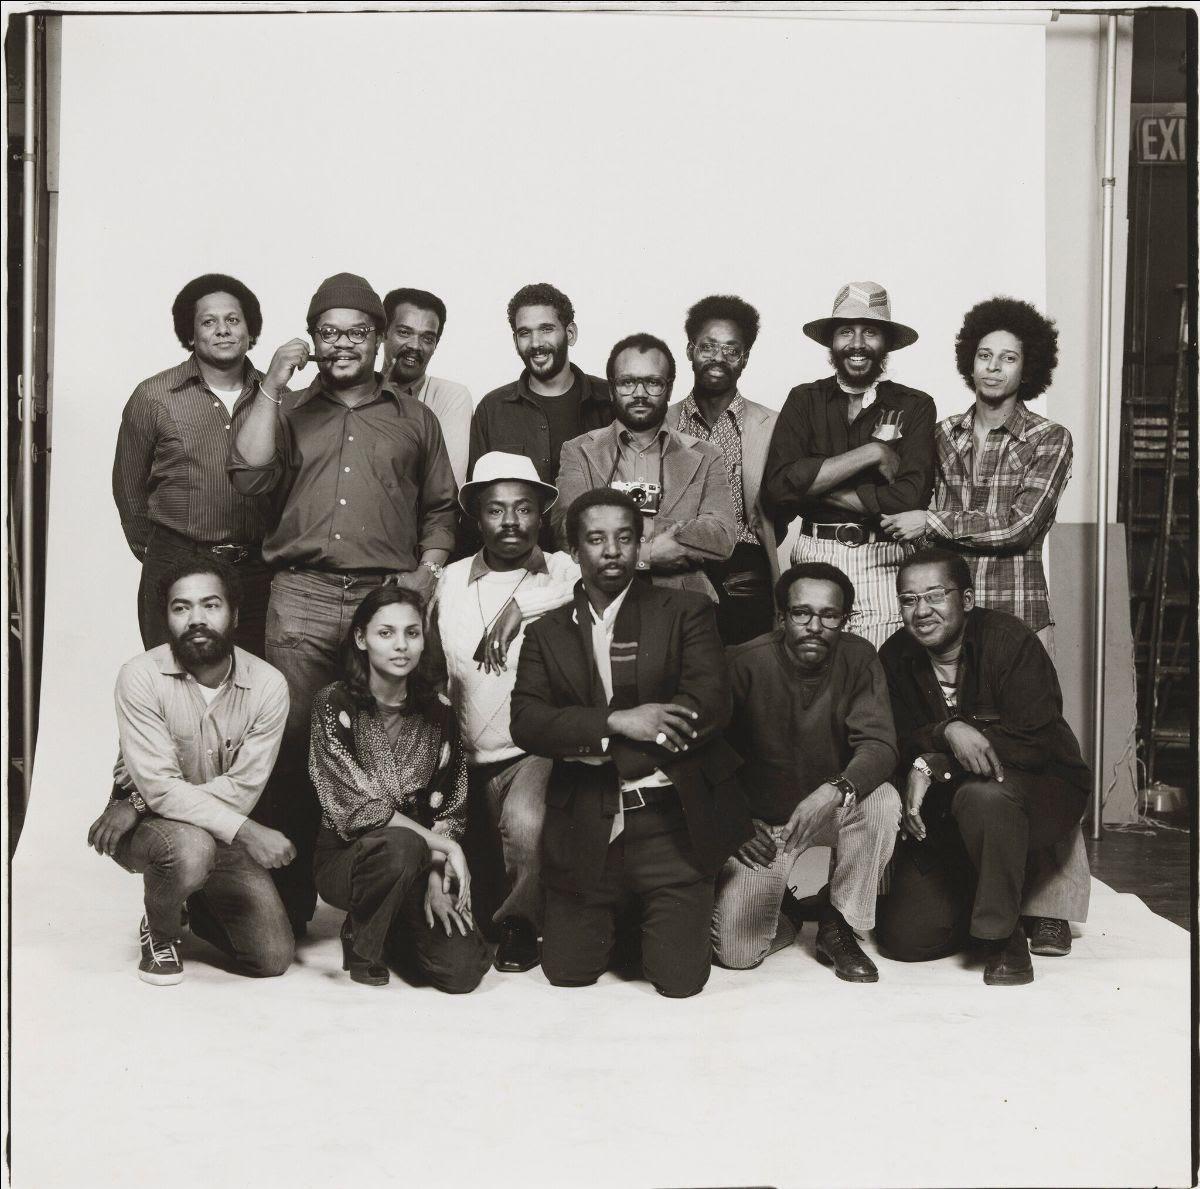 Anthony Barboza, Kamoinge Members, 1973.